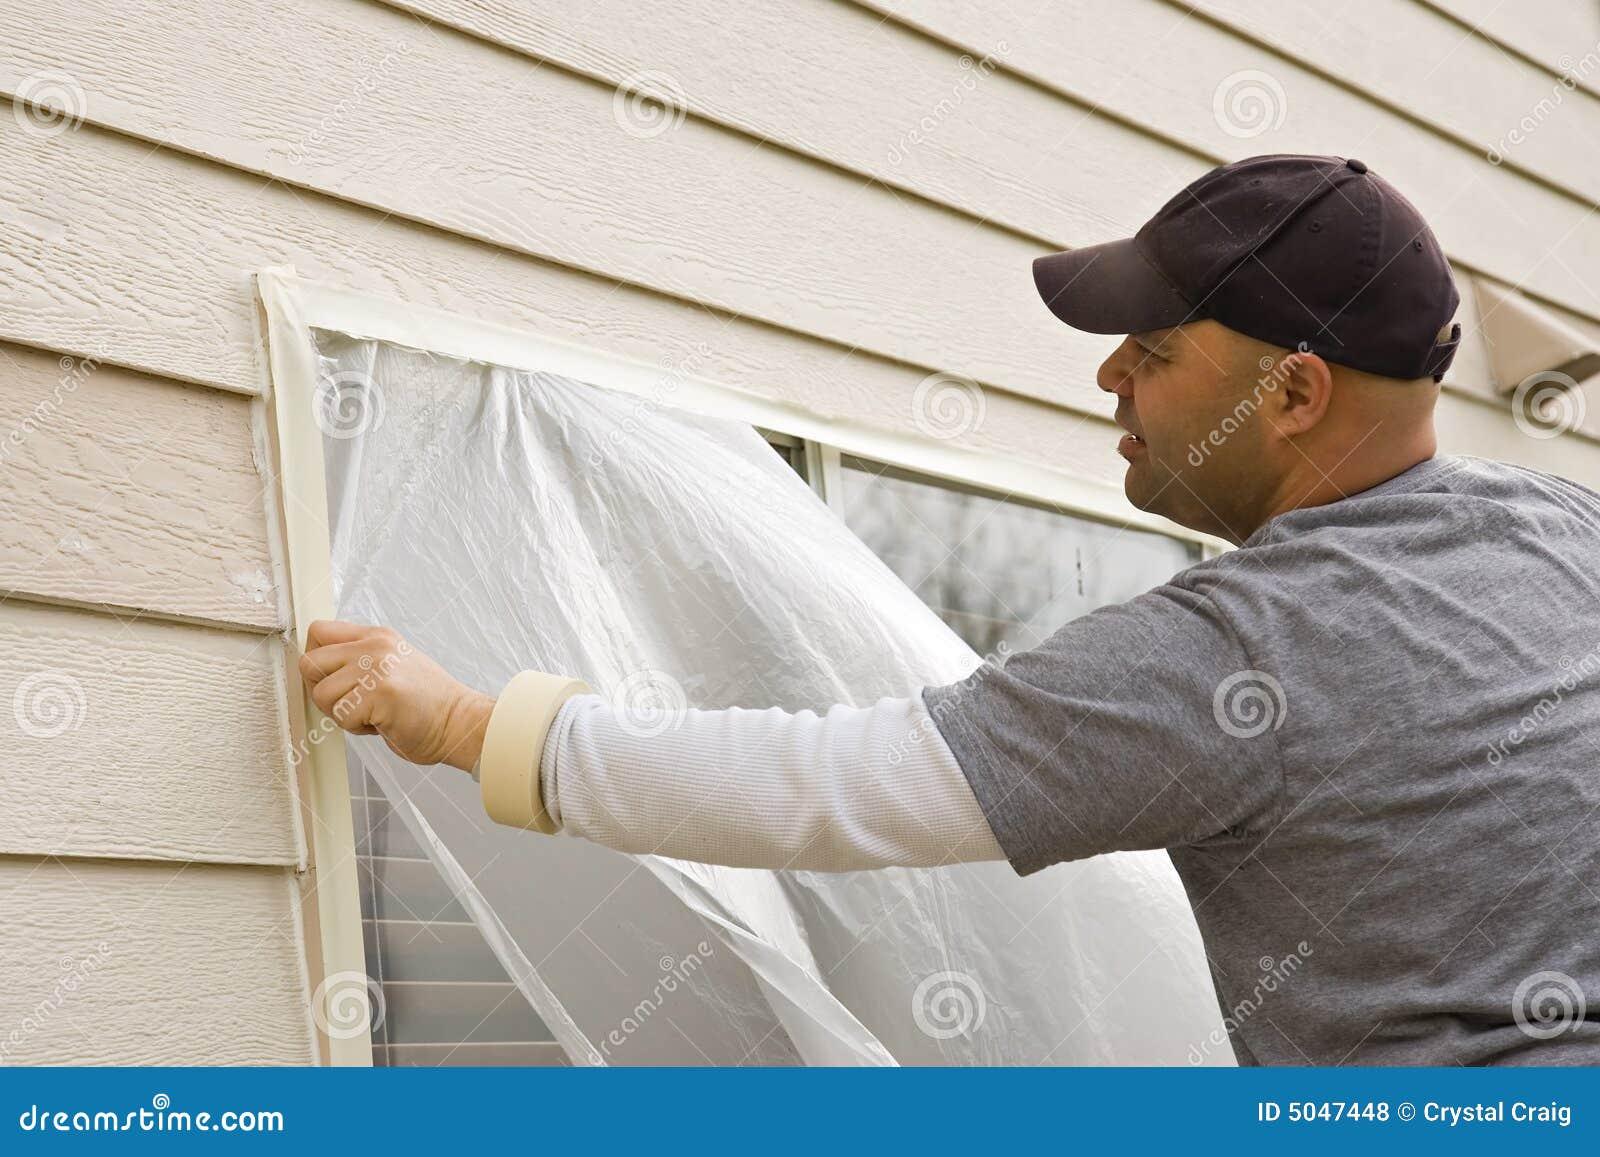 Pittura esterna della camera fotografie stock libere da - Pittura esterna casa ...